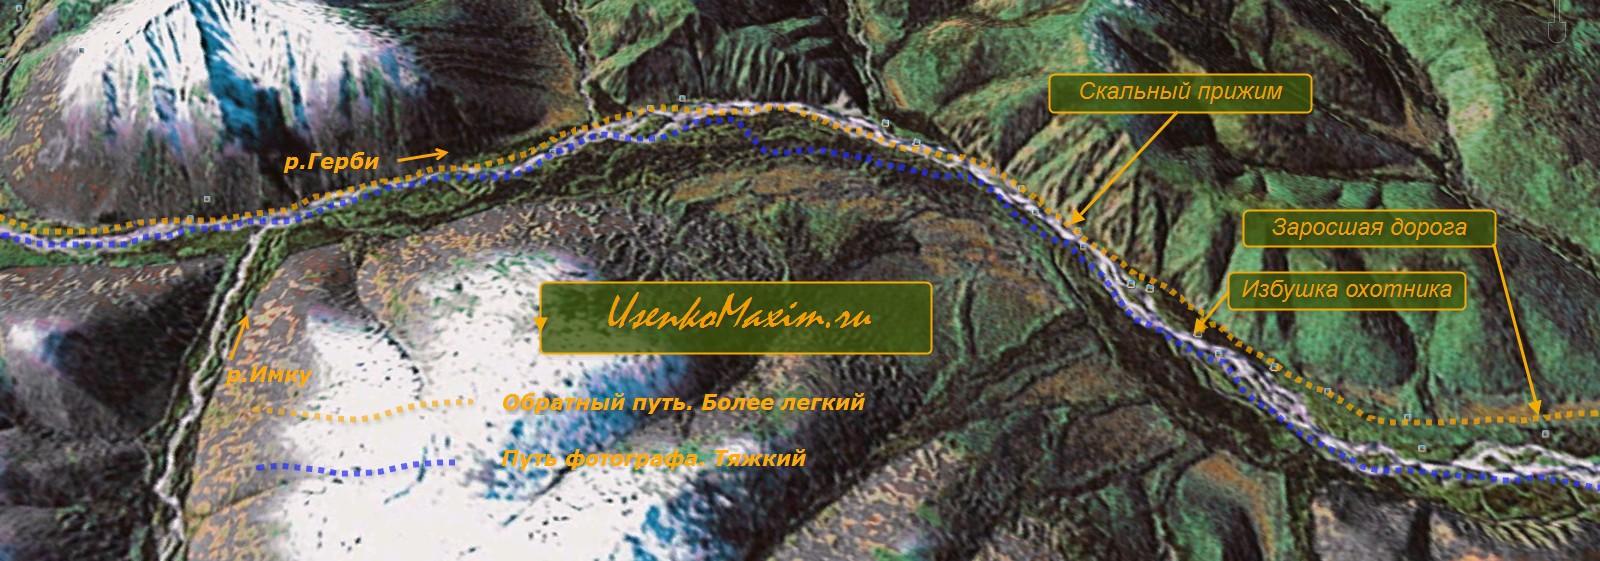 Карта-схема. Река Герби летом 2